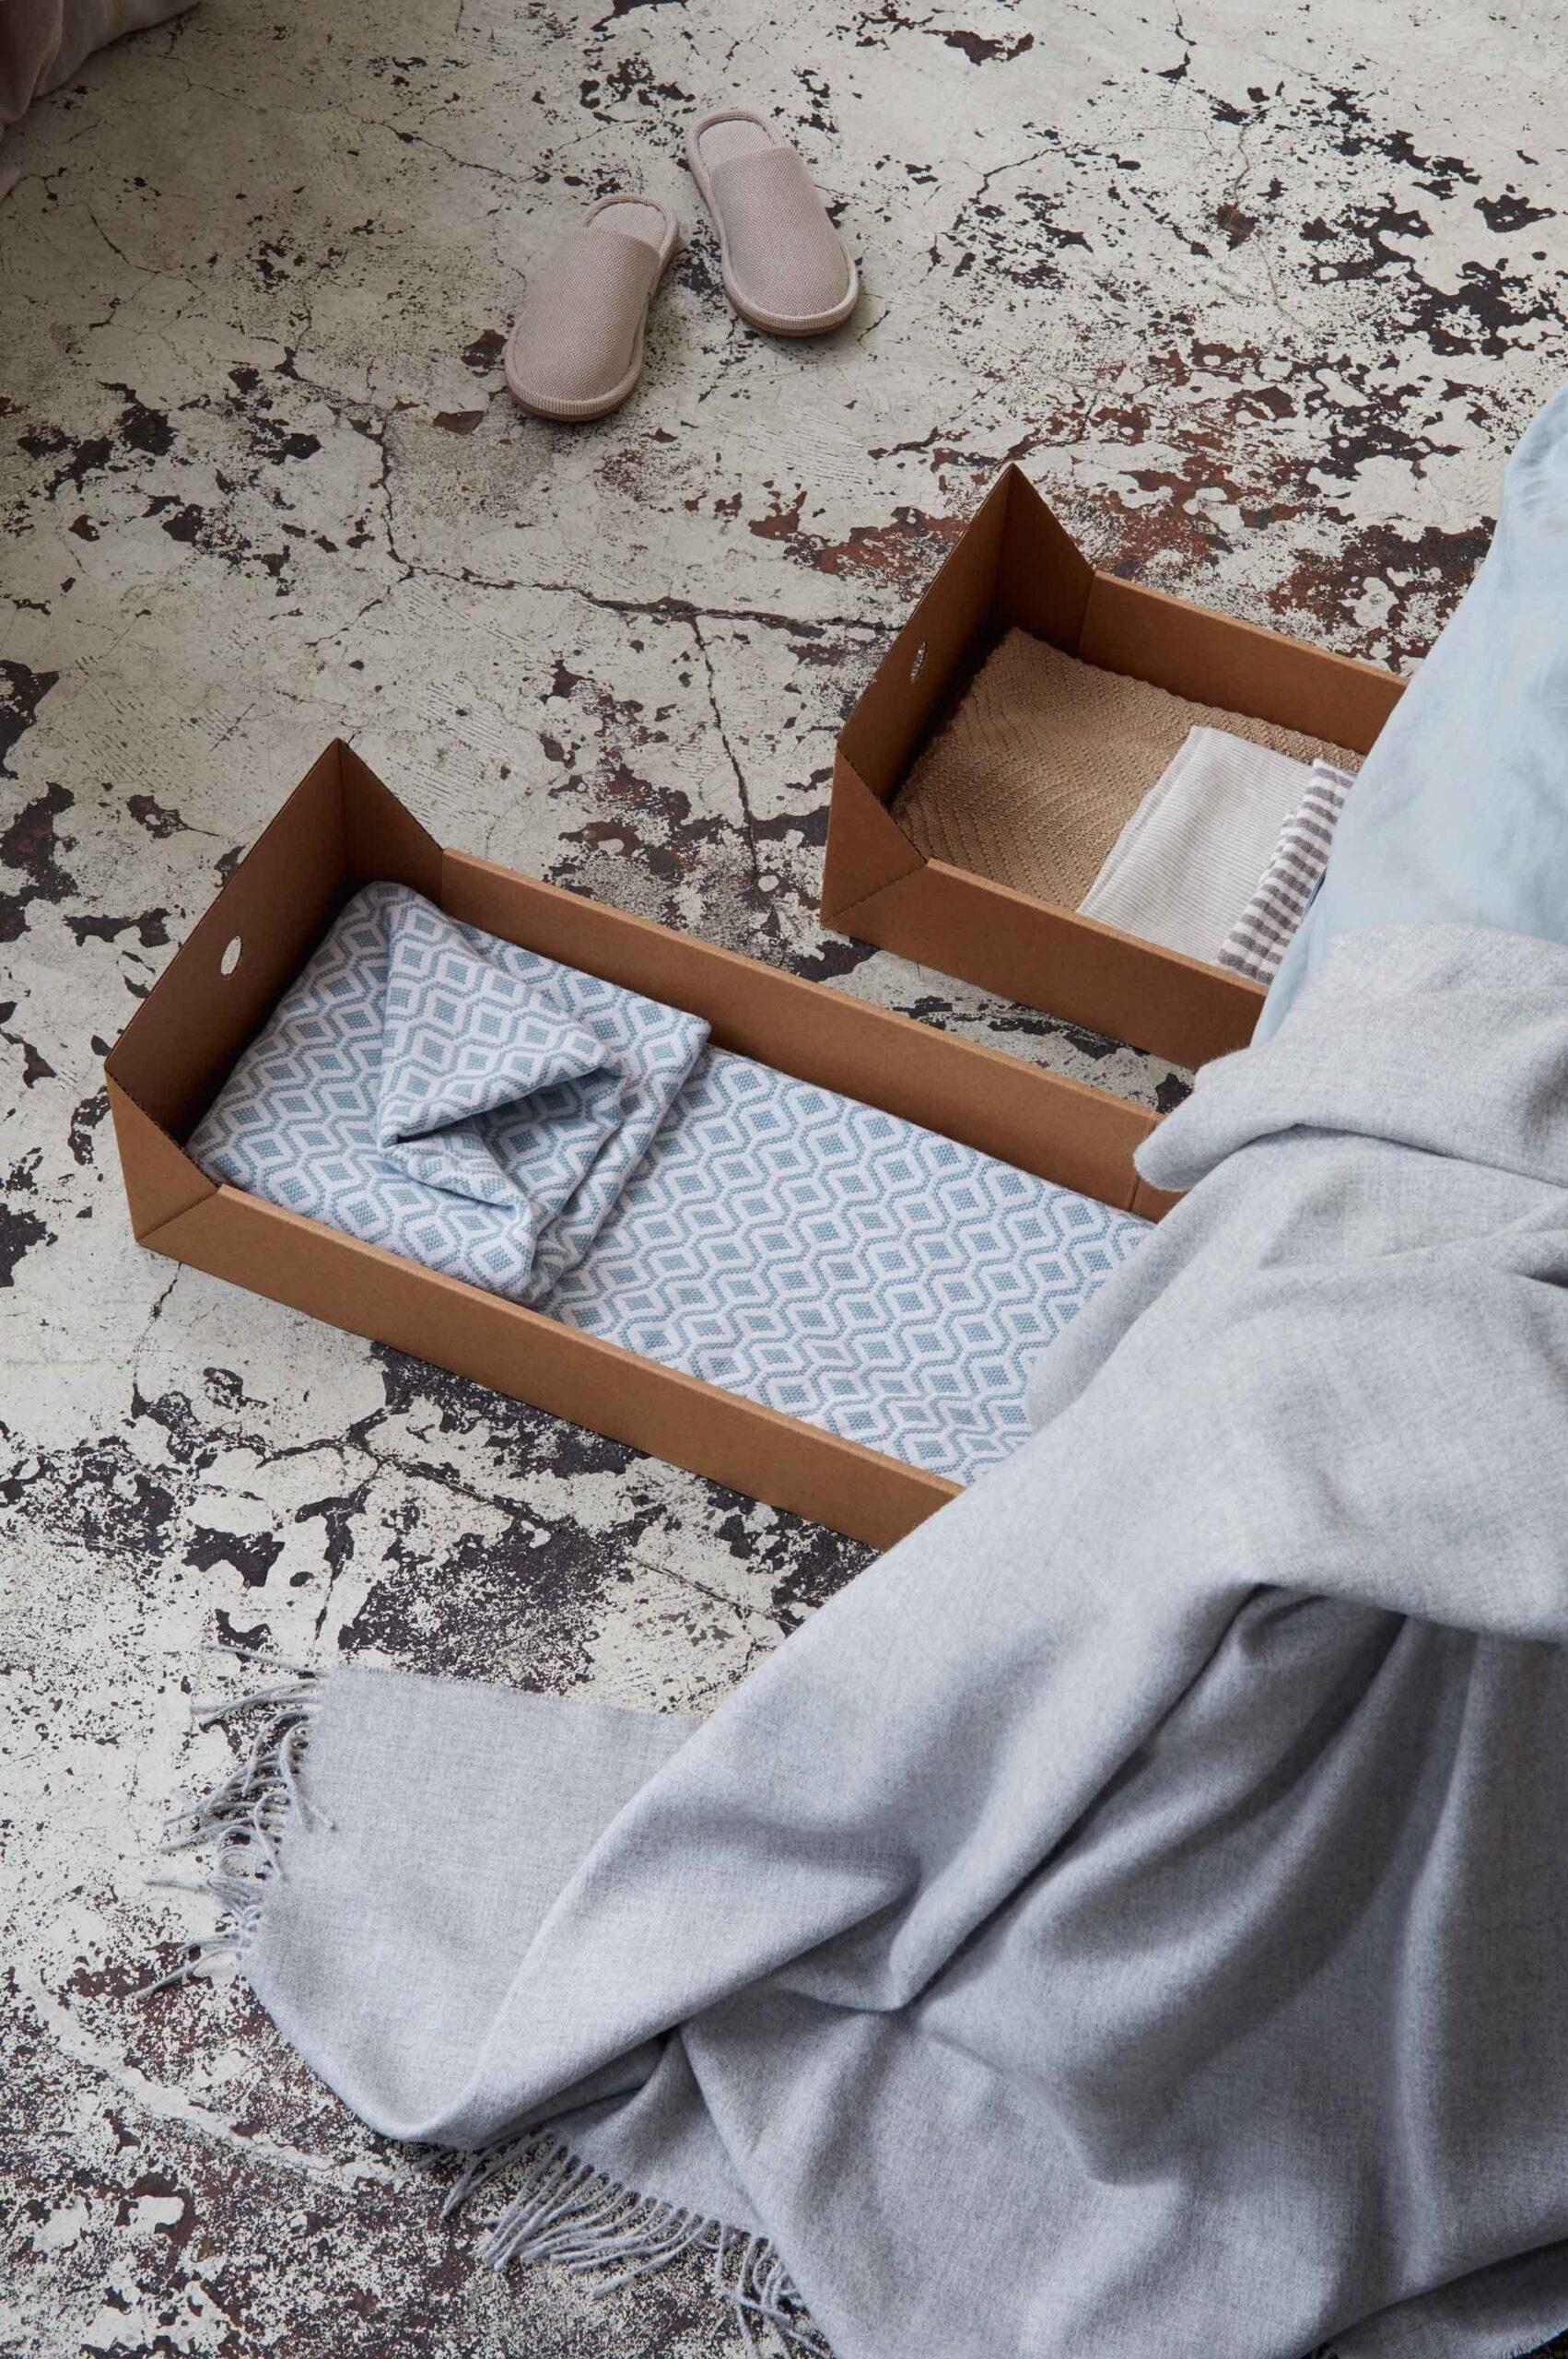 Full Size of Pappbett Ikea Bilder Ideen Couch Küche Kosten Sofa Mit Schlaffunktion Miniküche Modulküche Kaufen Betten 160x200 Bei Wohnzimmer Pappbett Ikea